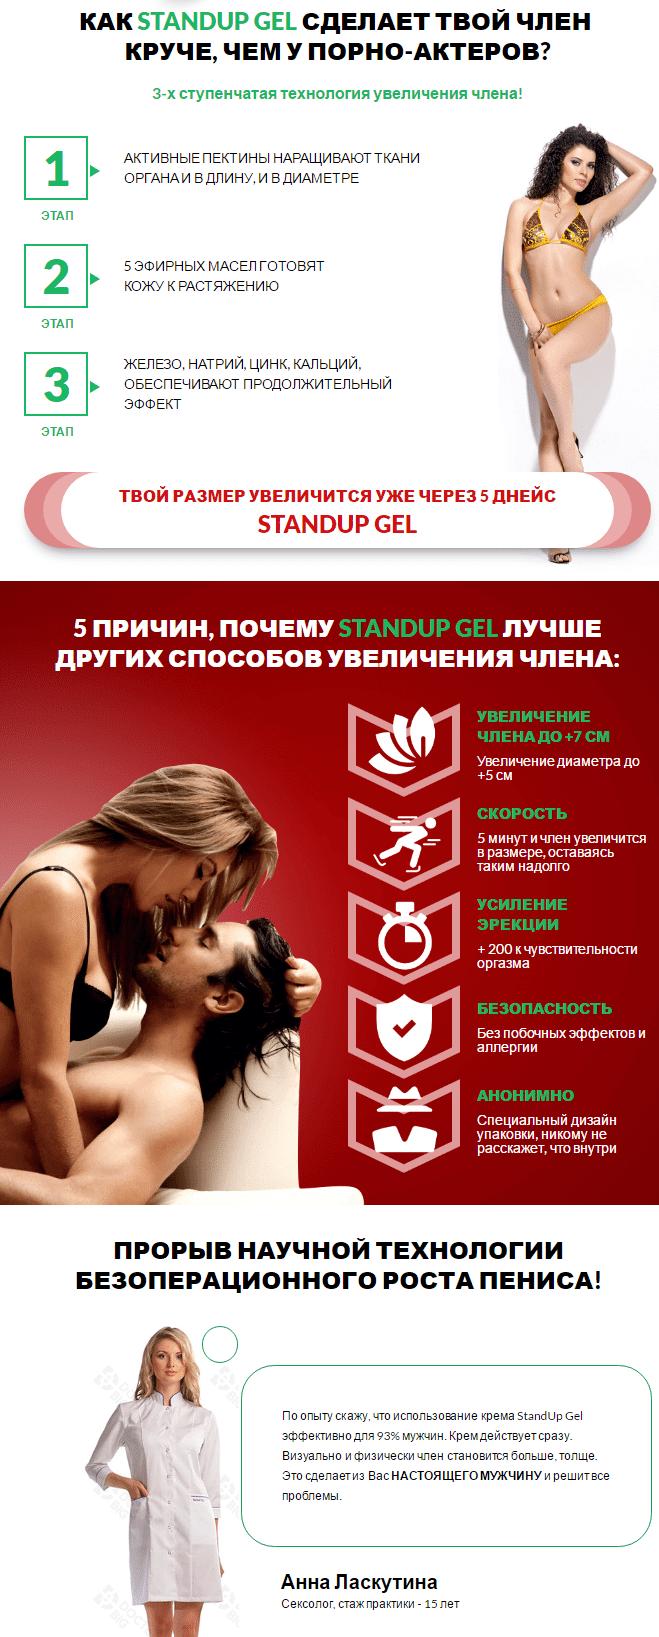 Гель для увеличения полового члена StandUp Gel  купить